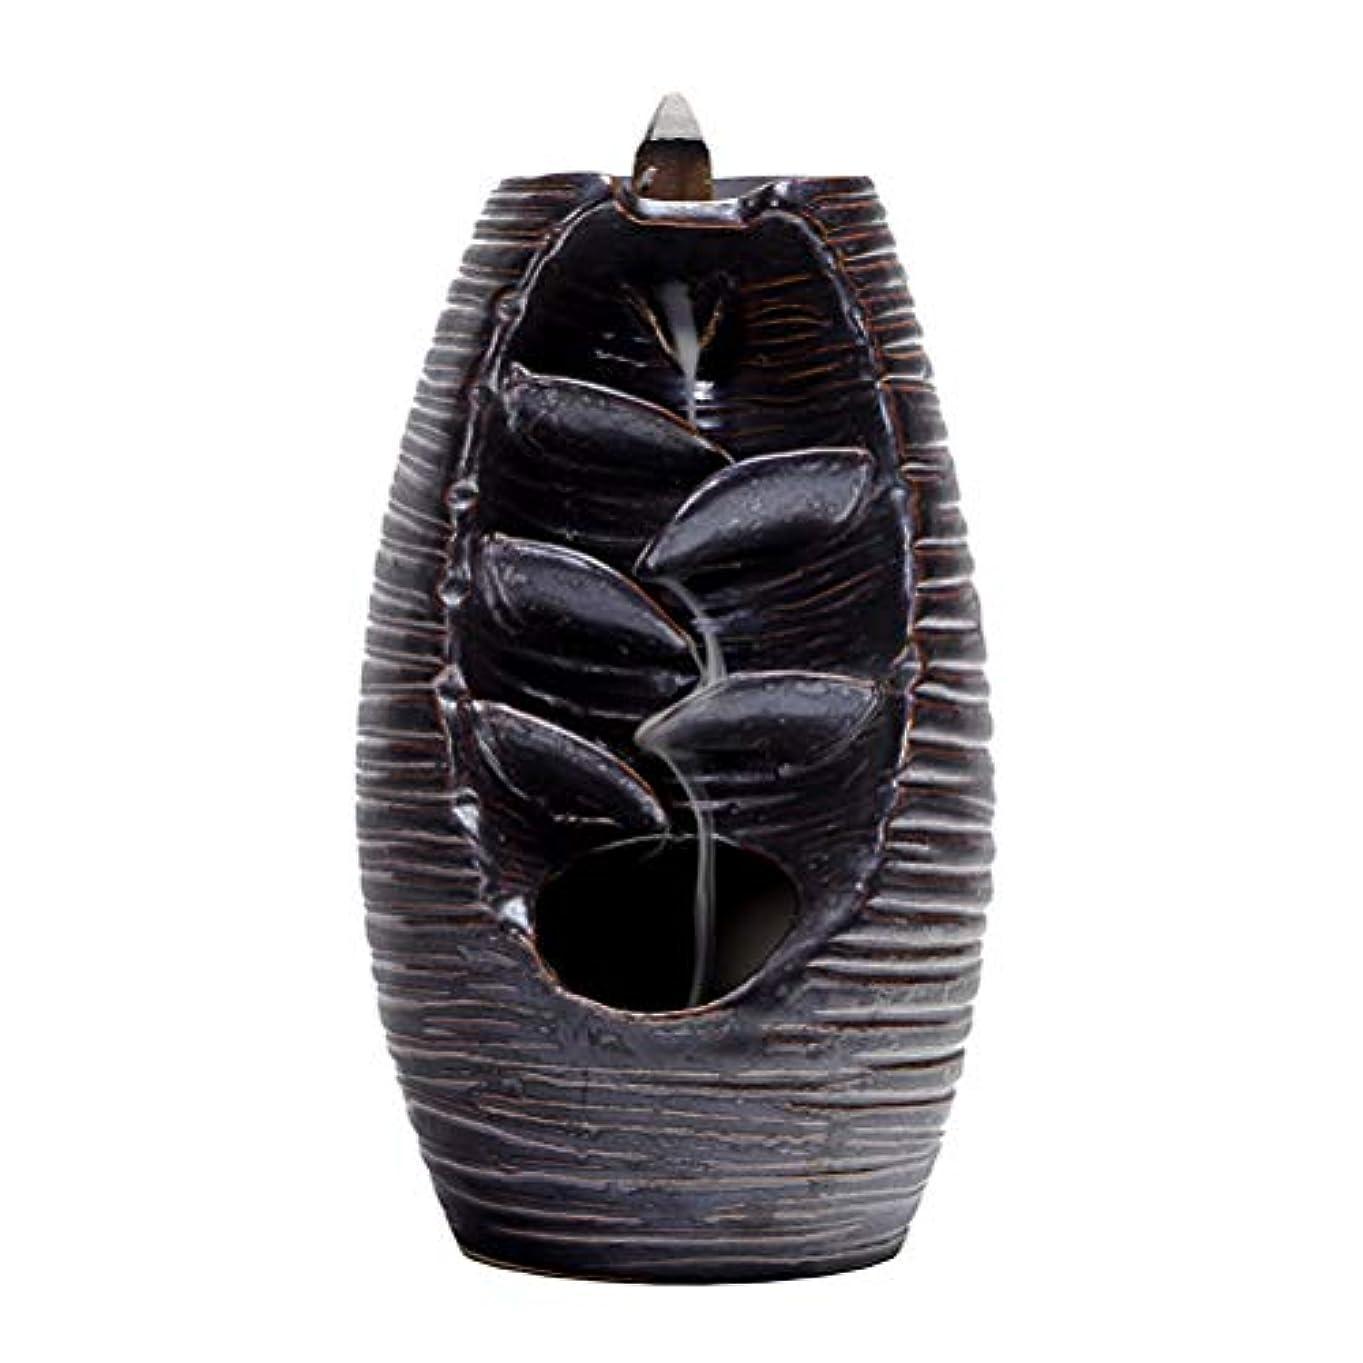 教育するはしご多様体Vosarea 逆流香バーナー滝香ホルダーアロマ飾り仏教用品(黒)